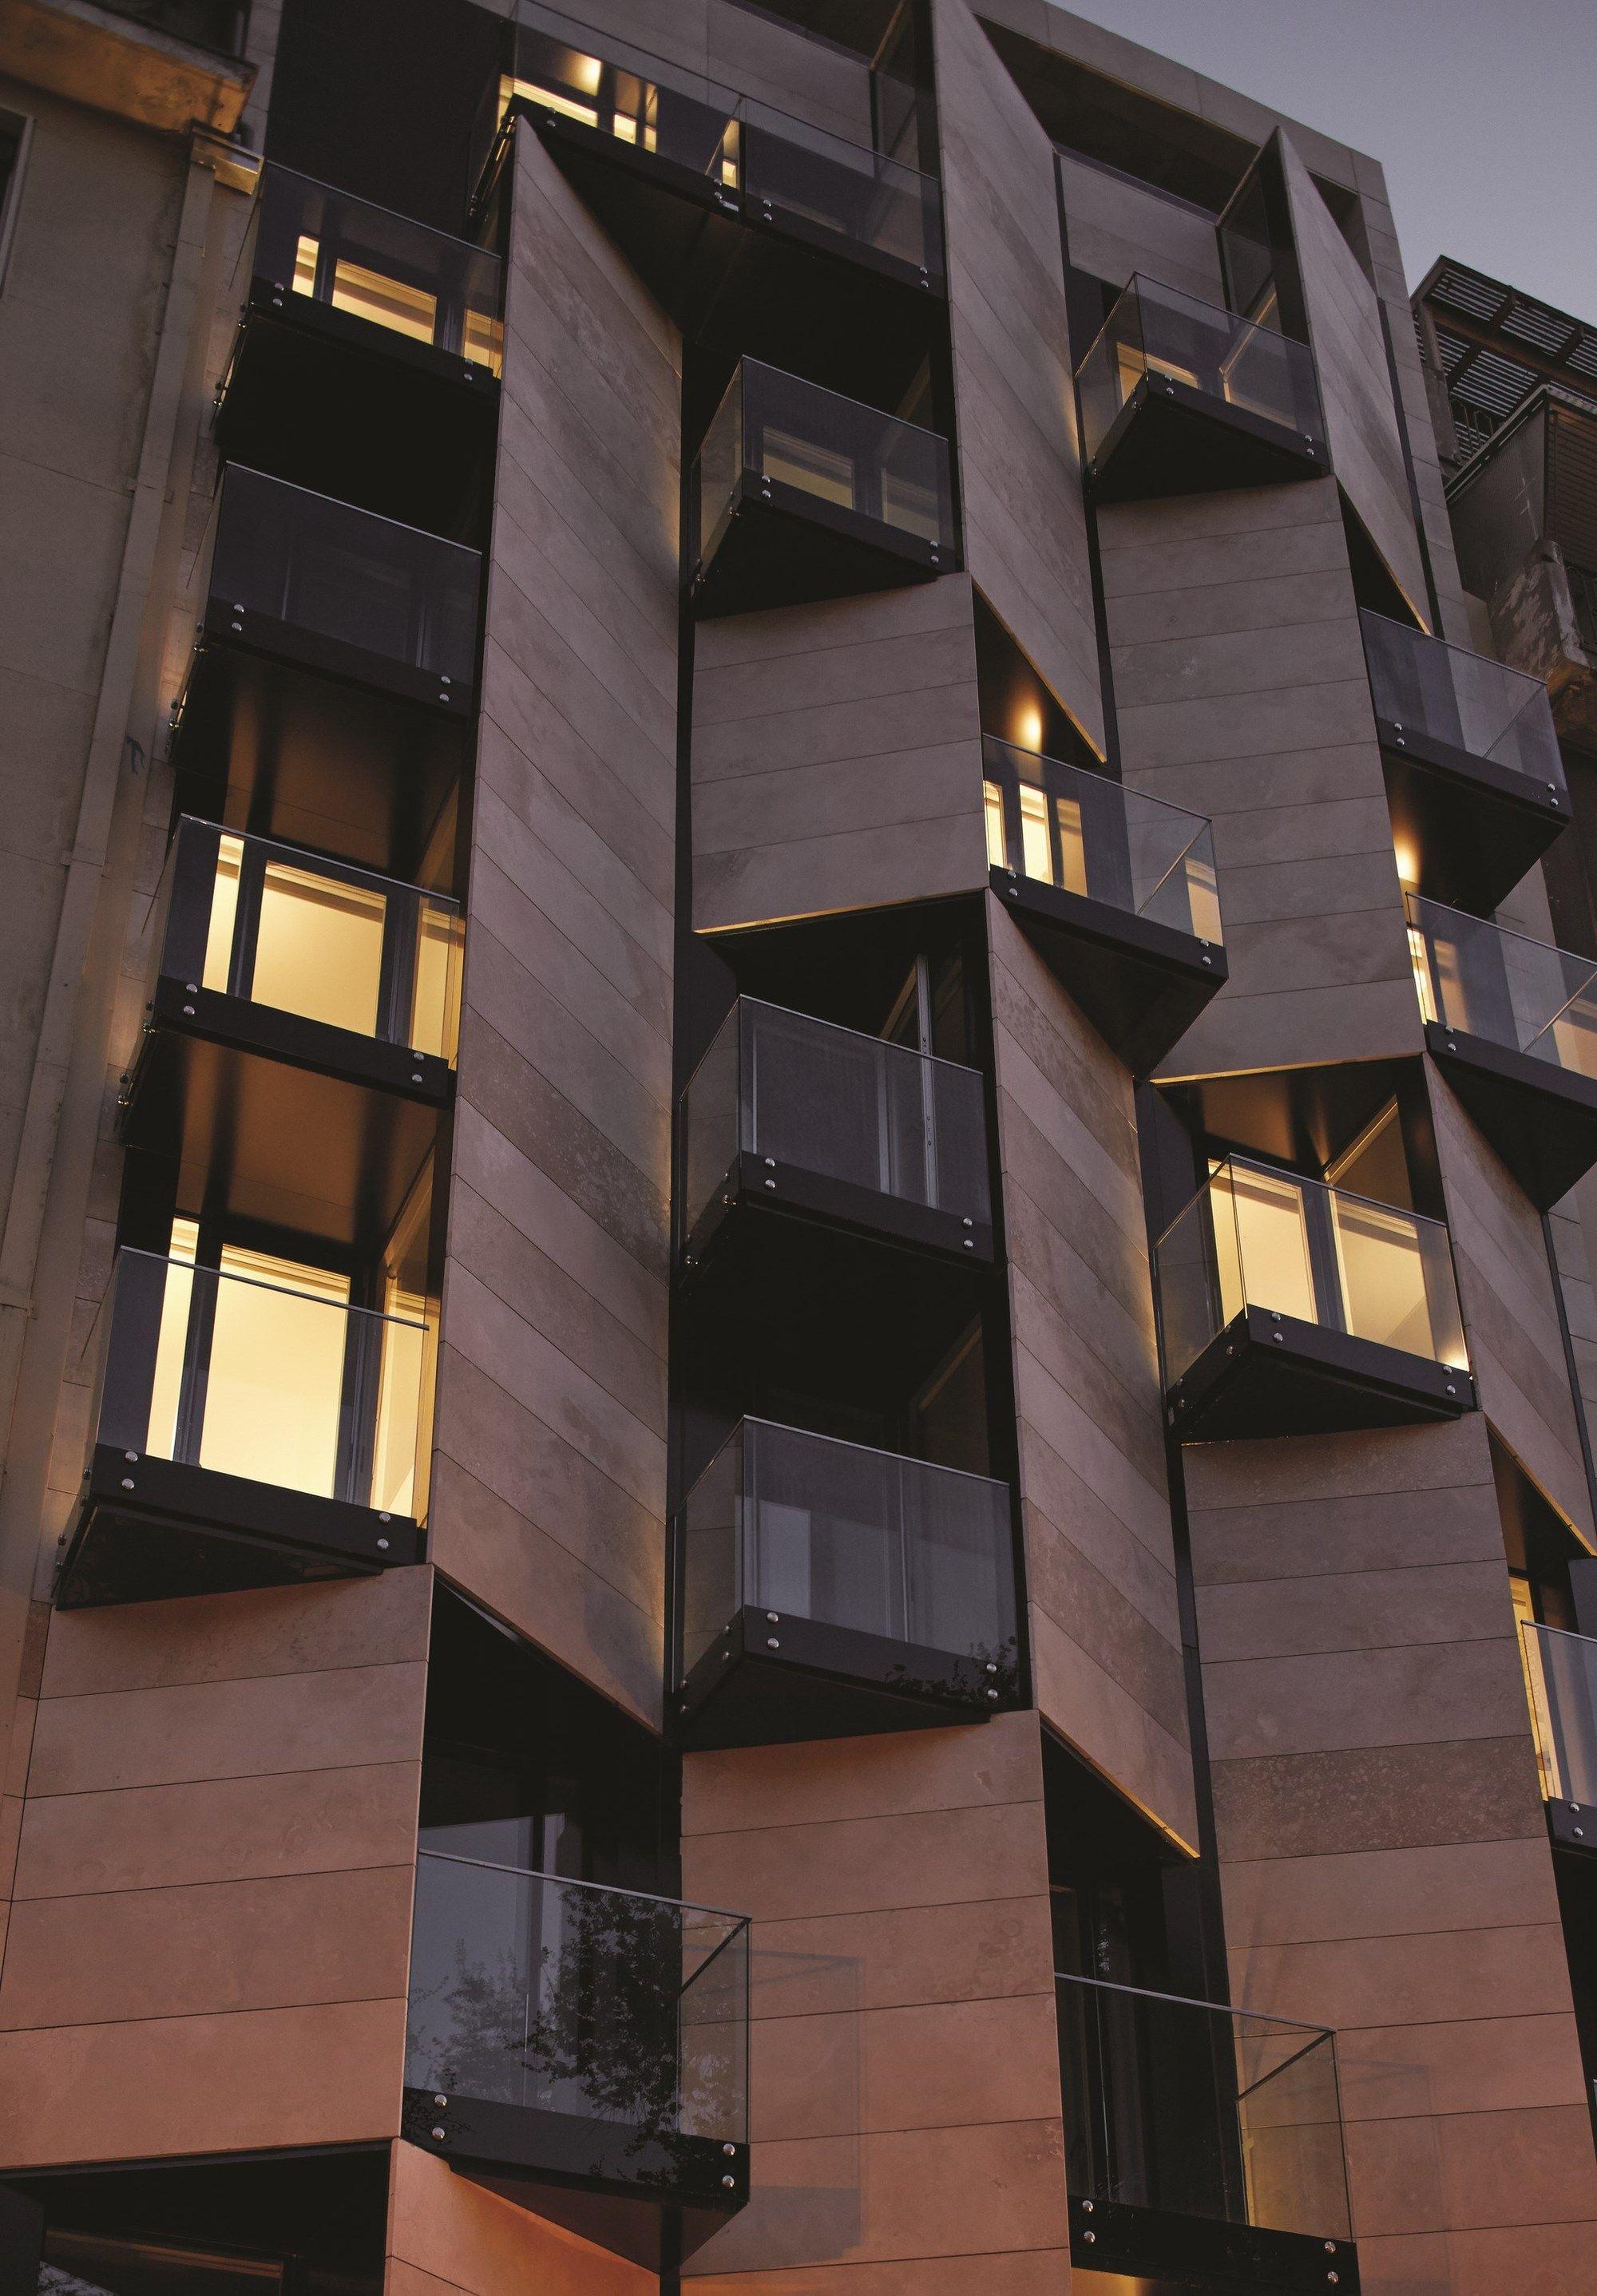 Ismael 312 Apart Hotel Estudio Larrain Hotel Architecture Facade Design Facade Architecture